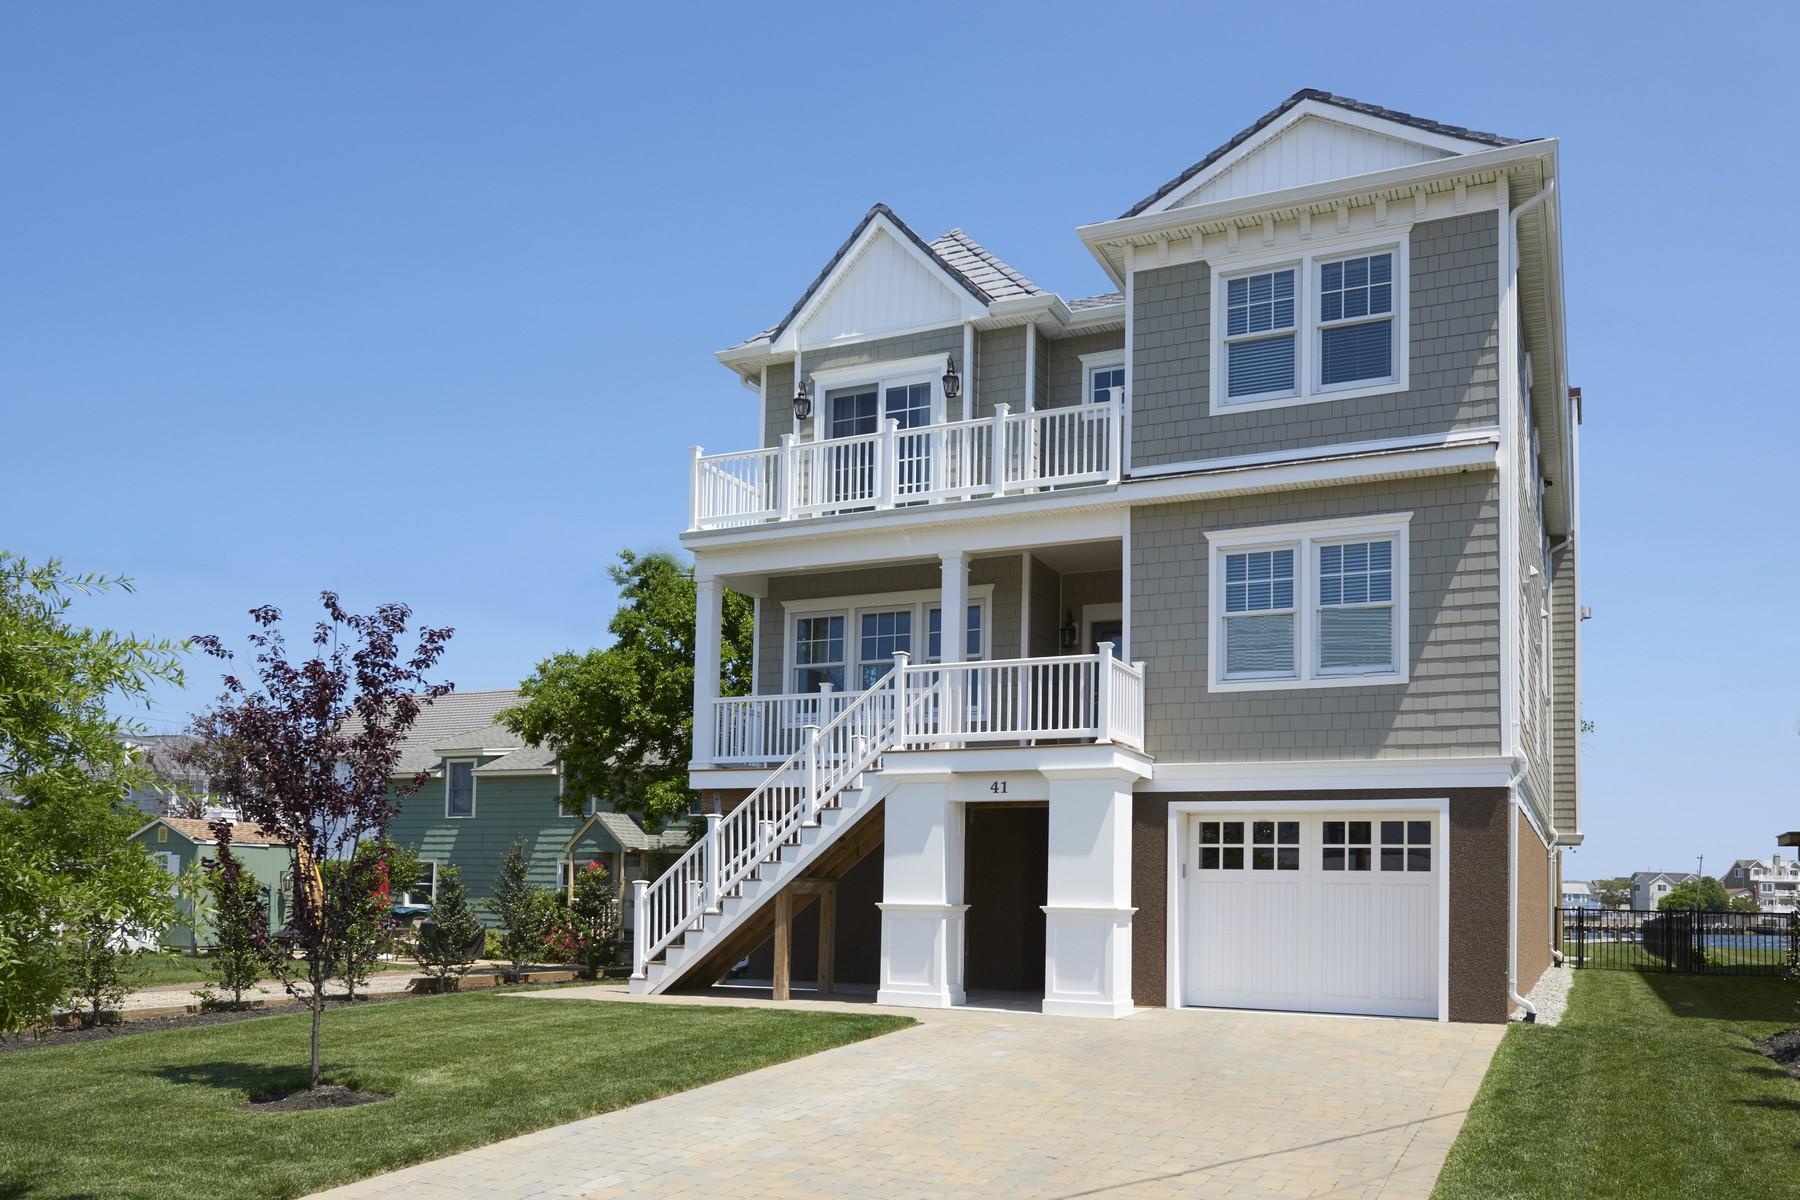 Частный односемейный дом для того Продажа на Better Than New 41 Waterman Avenue Rumson, Нью-Джерси 07760 Соединенные Штаты